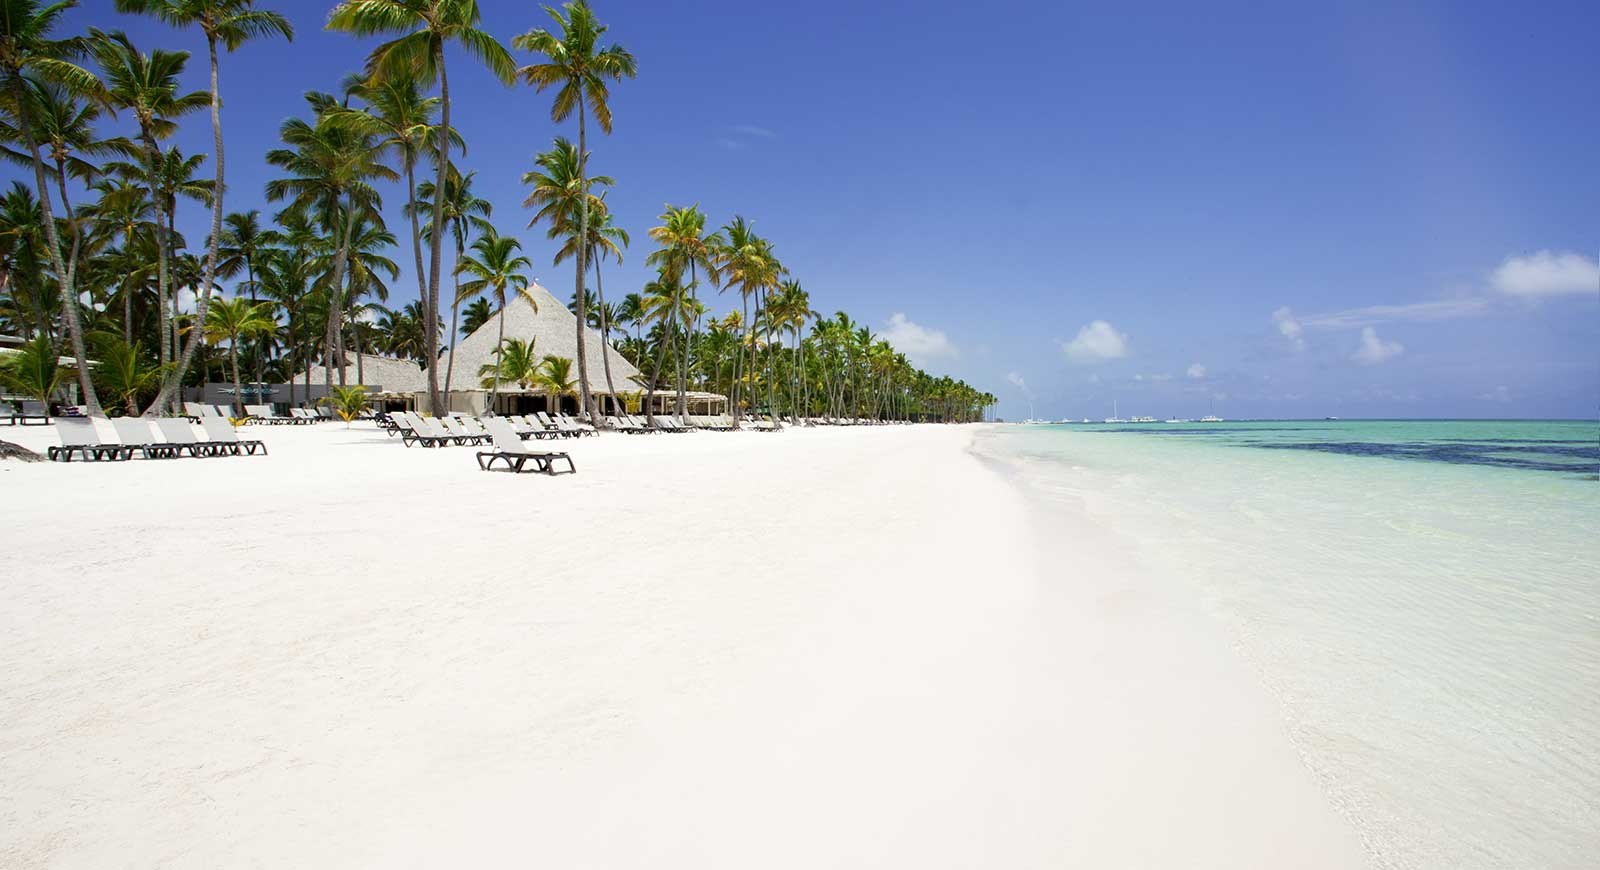 Los atractivos turísticos de Playa Bávaro en Punta Cana